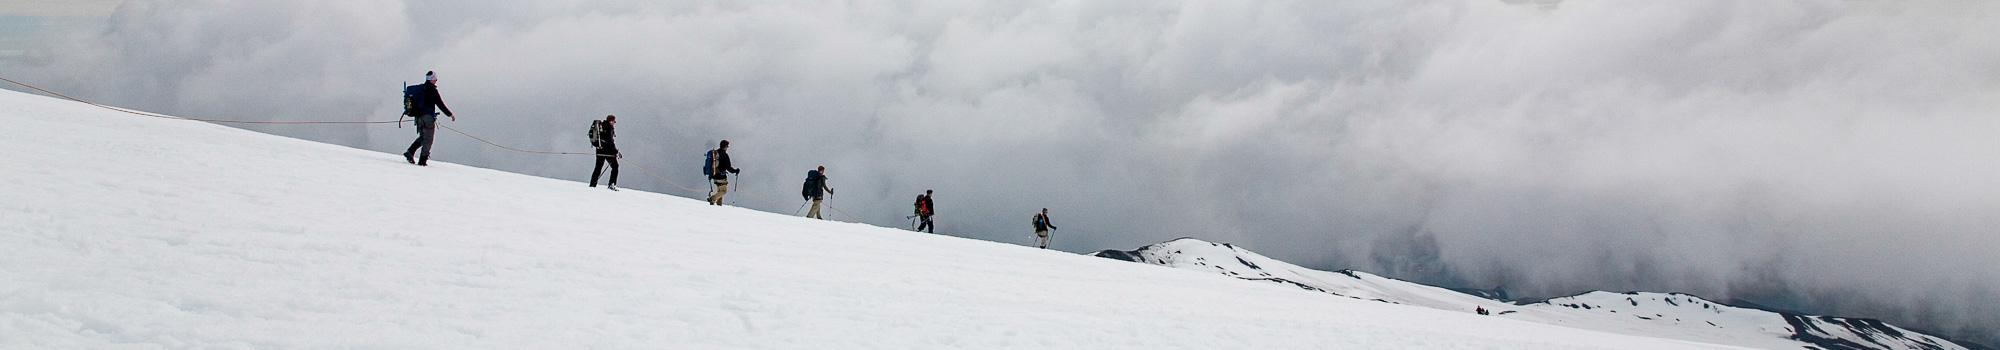 People on Hvannadalshnukur highest peak in Iceland